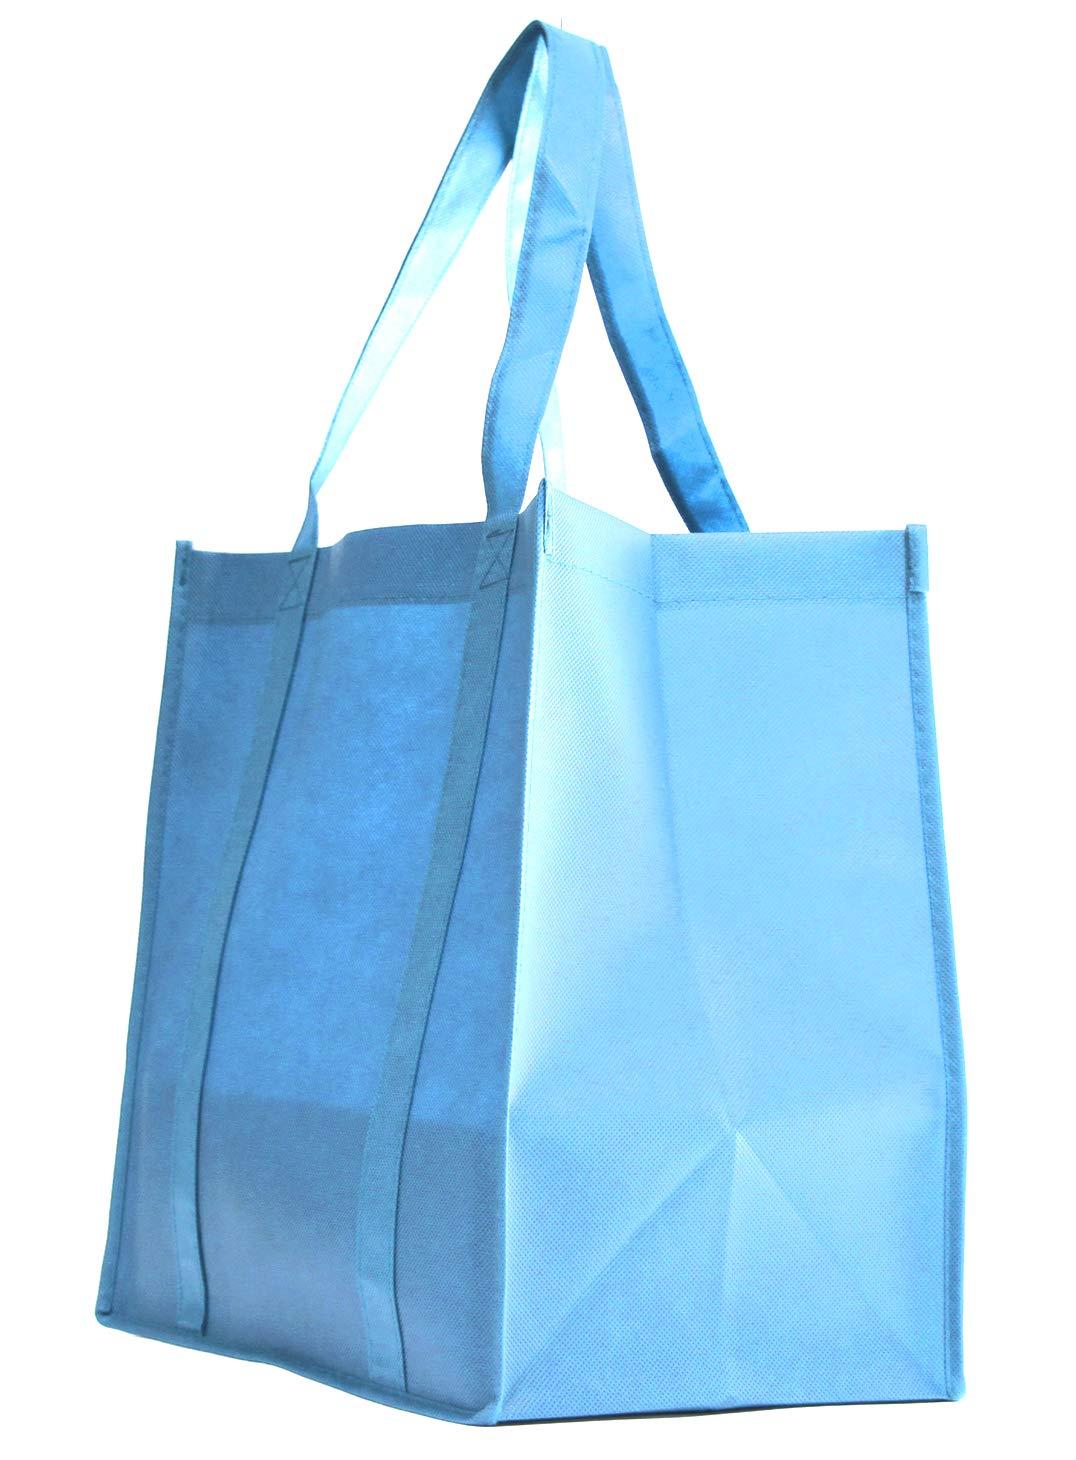 食料品トートバッグ 大型 超強力 高耐久 ショッピングバッグ 自立式 PLボトム 不織布 コンベンション 再利用可能 トートバッグ 高品質 B07K2JZHY7 ライトブルー Set of 10